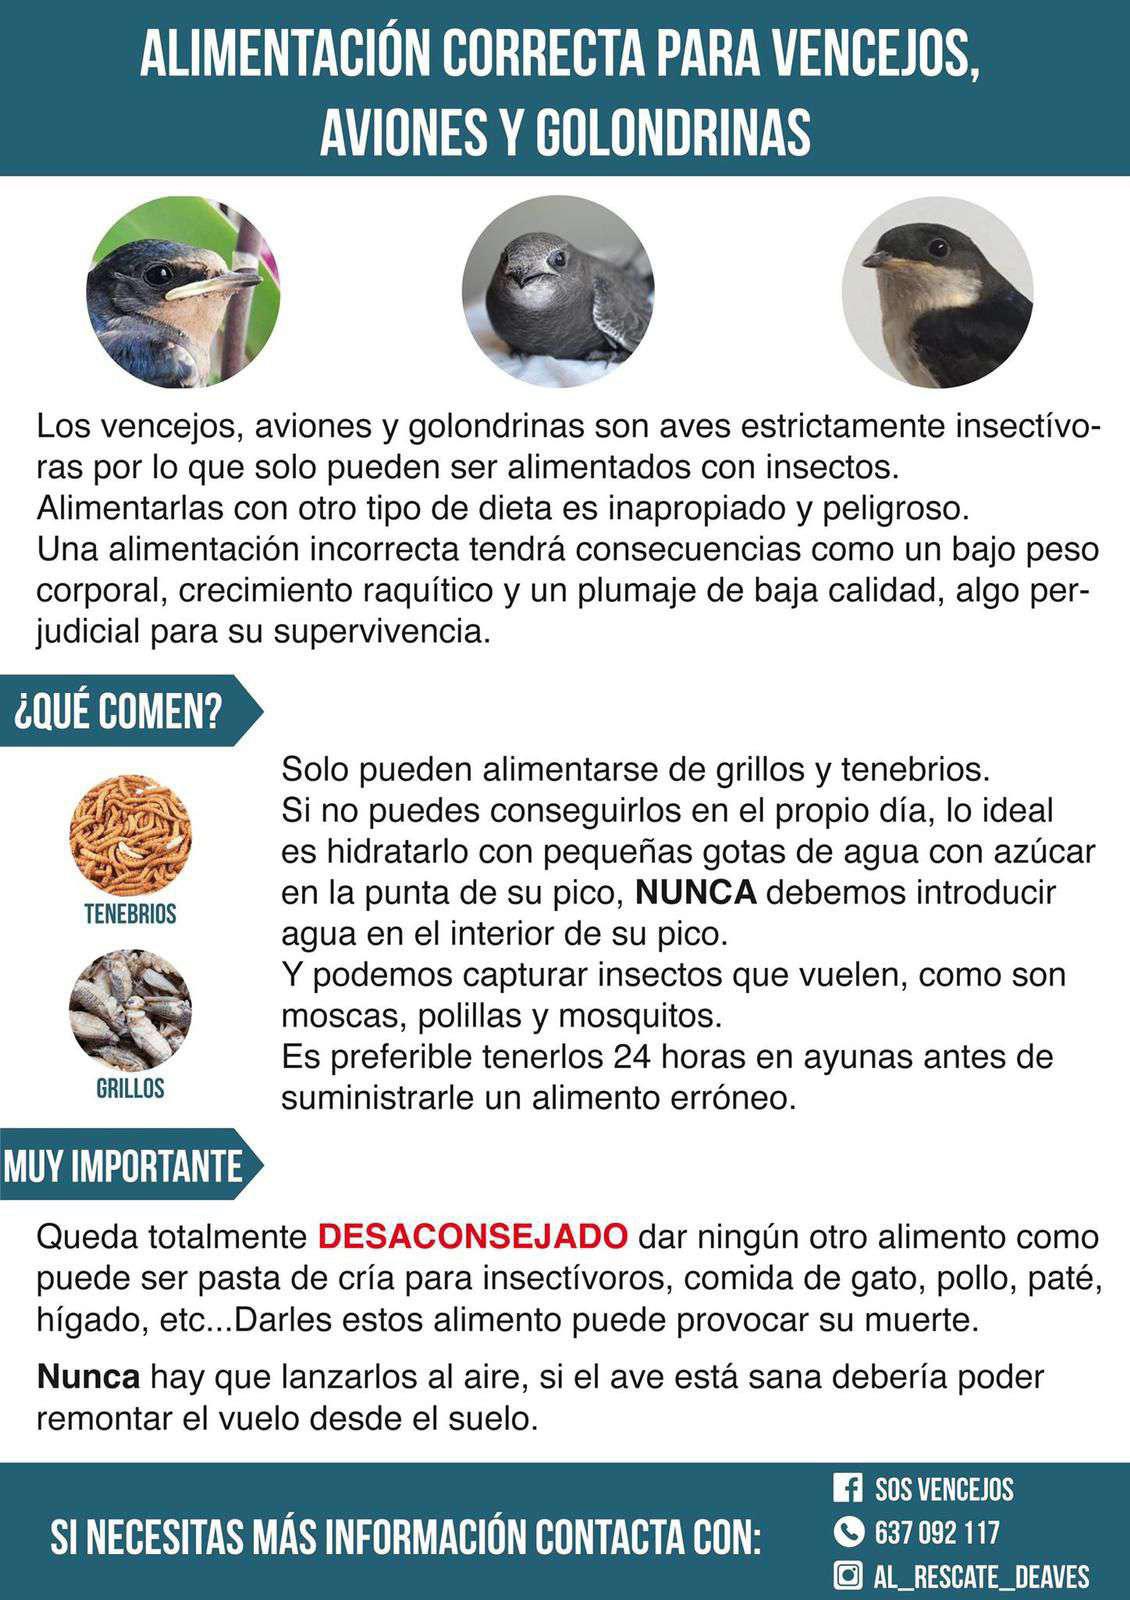 Recomendaciones de alimentación de vencejos, de SOS Vencejos